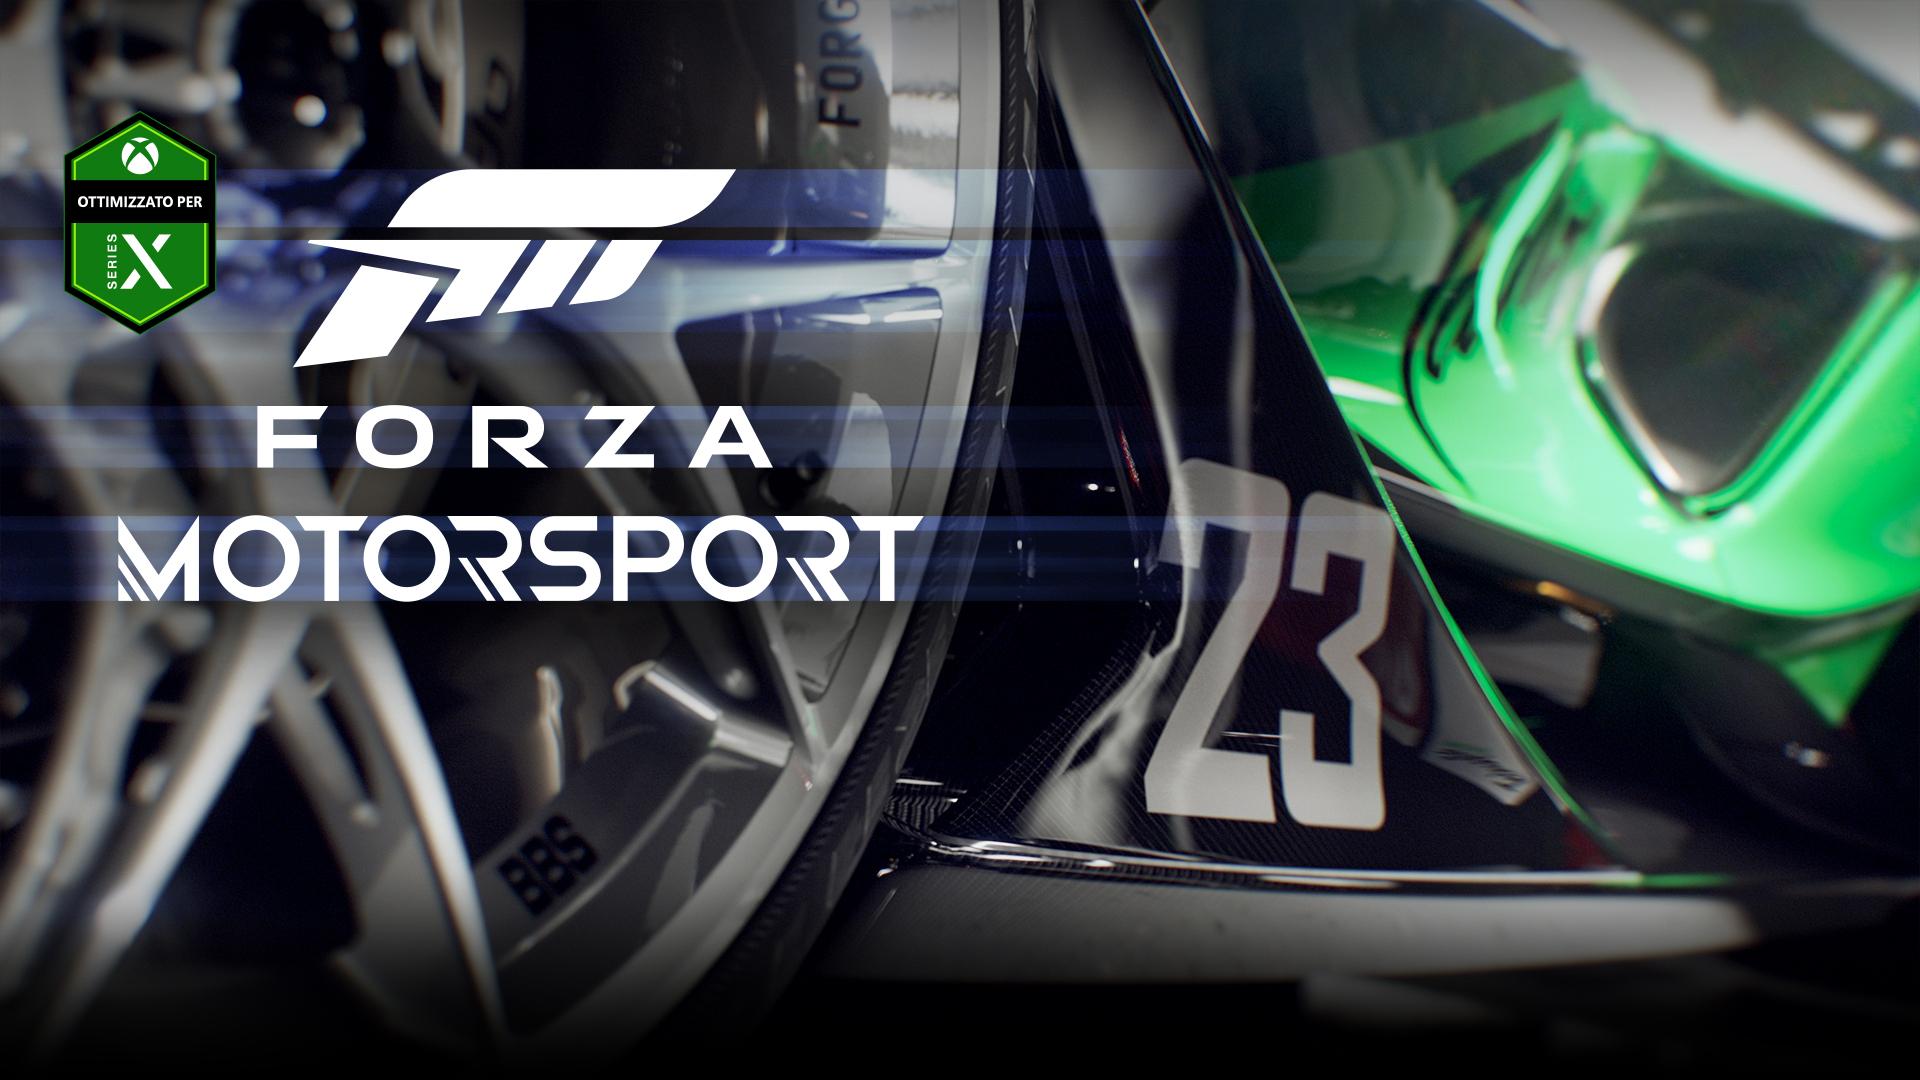 Ottimizzato per Xbox Series X, Forza Motorsport, primo piano di una ruota